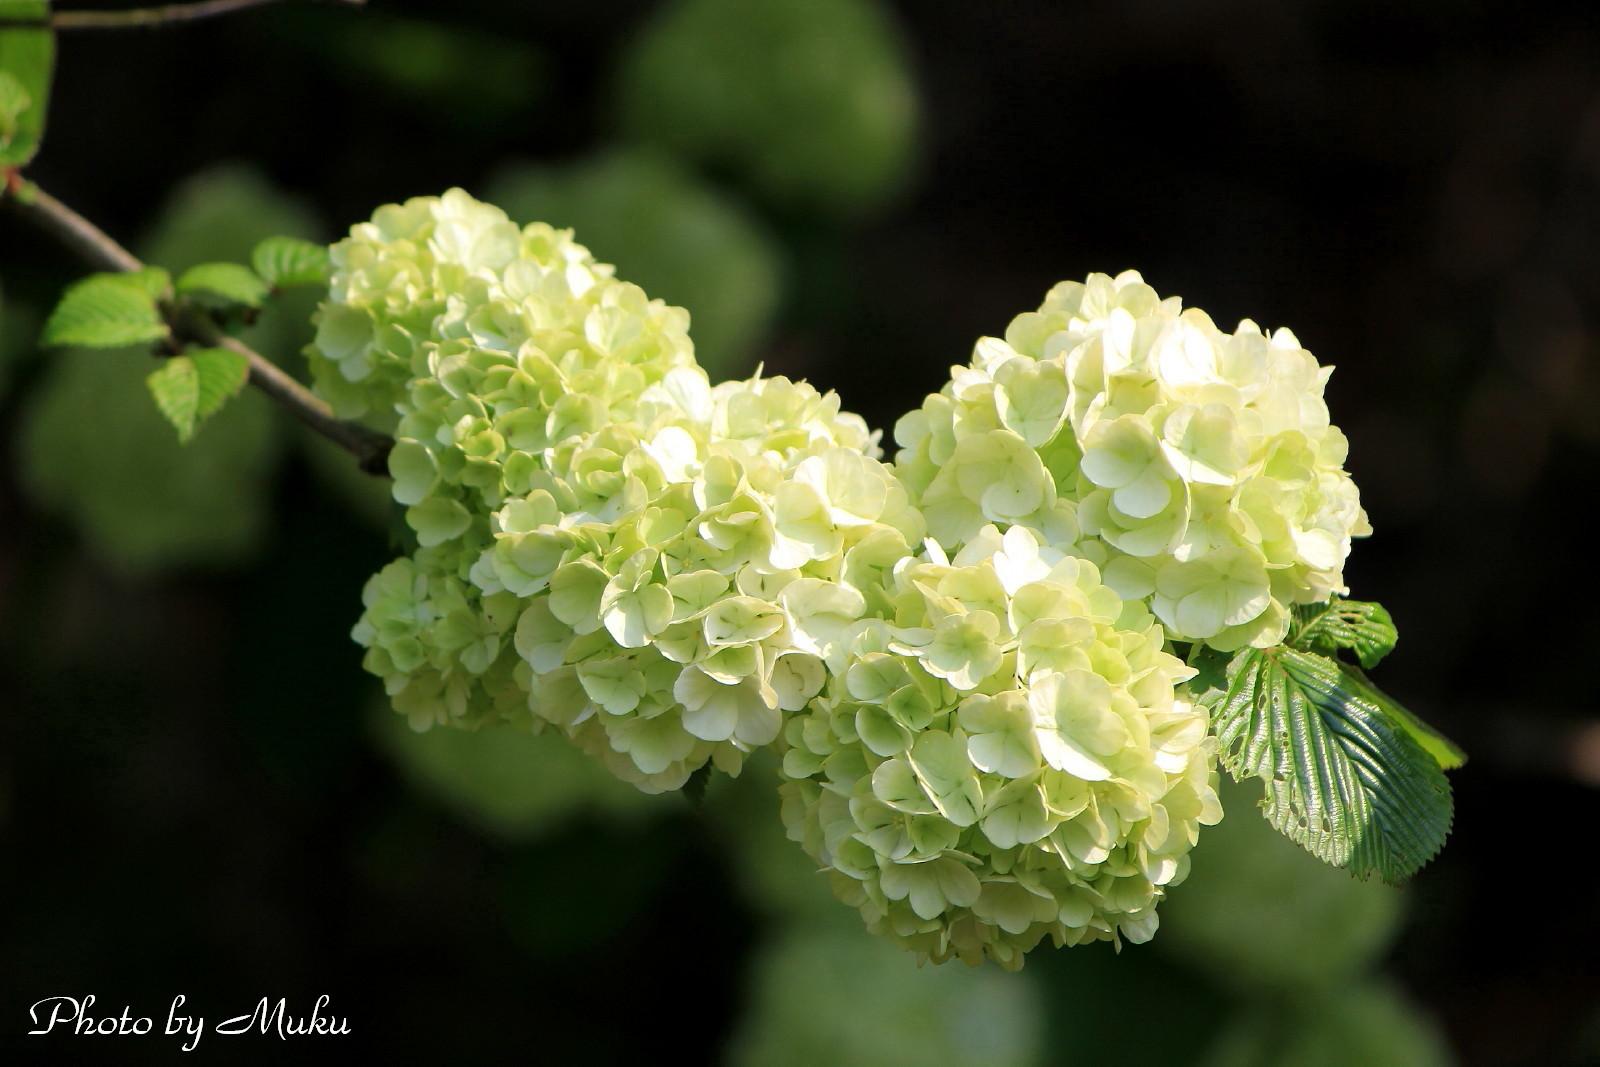 2014.4.23 オオデマリ(横須賀しょうぶ園:神奈川県横須賀市)